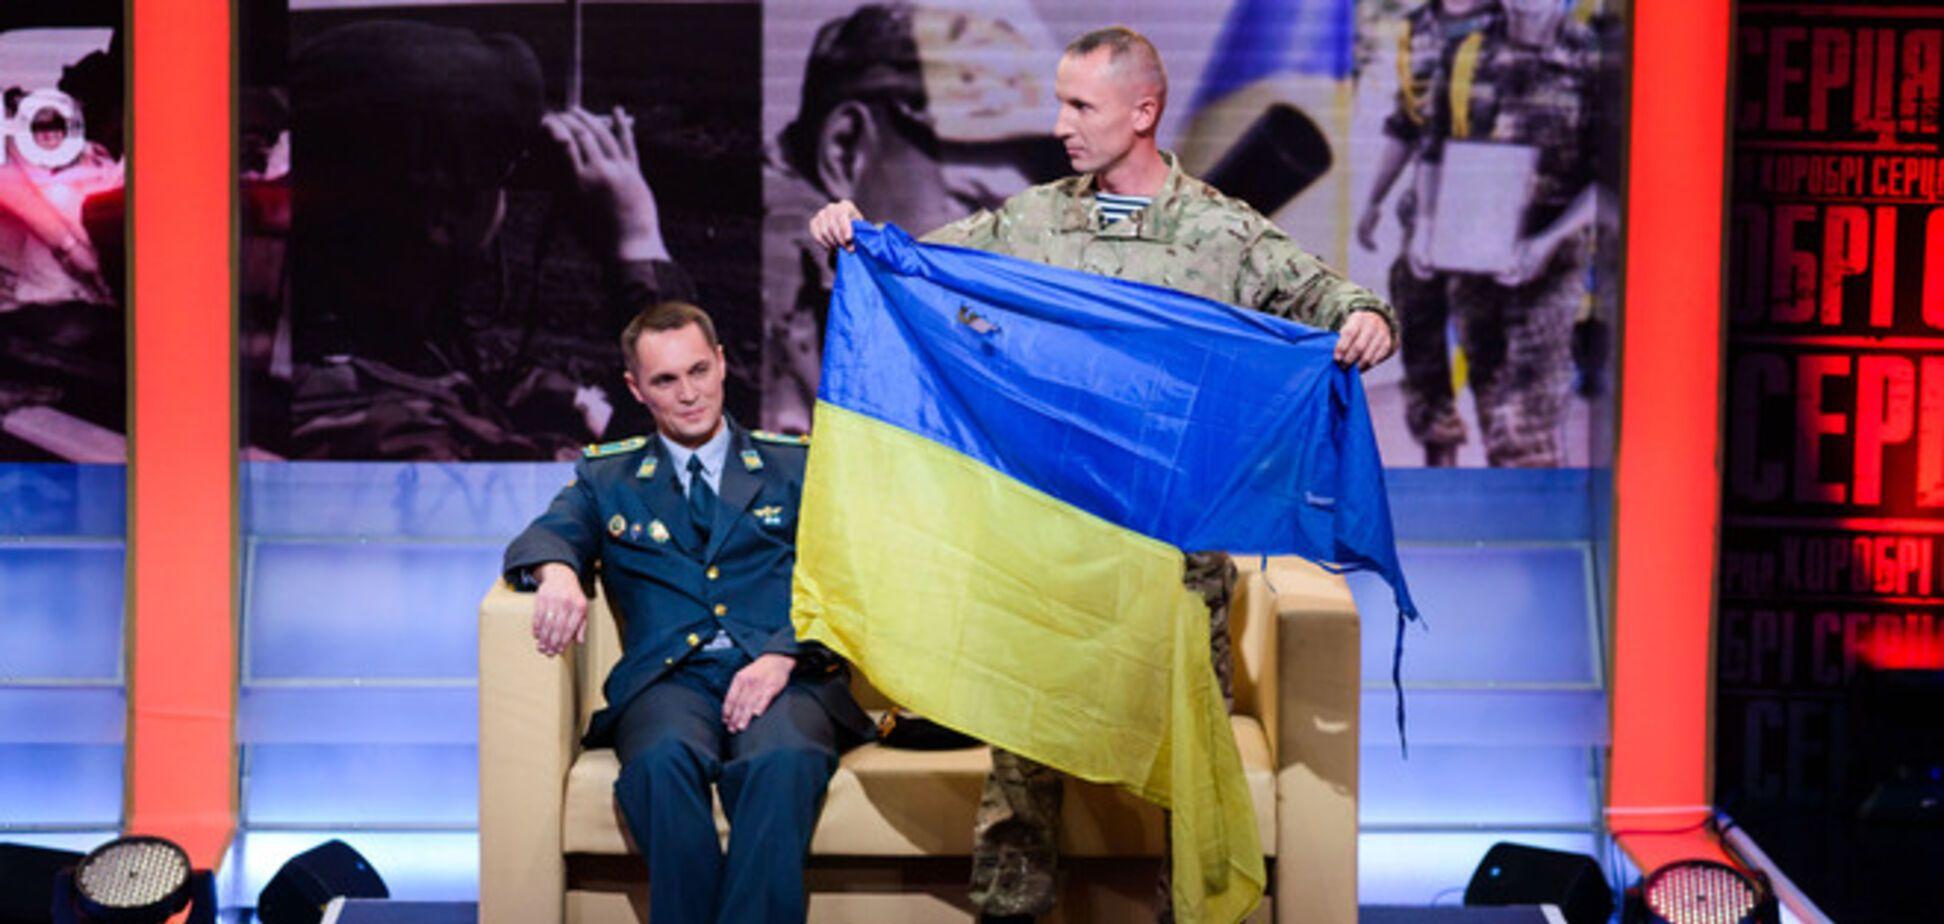 Пограничник спас украинский флаг от надругательства террористов